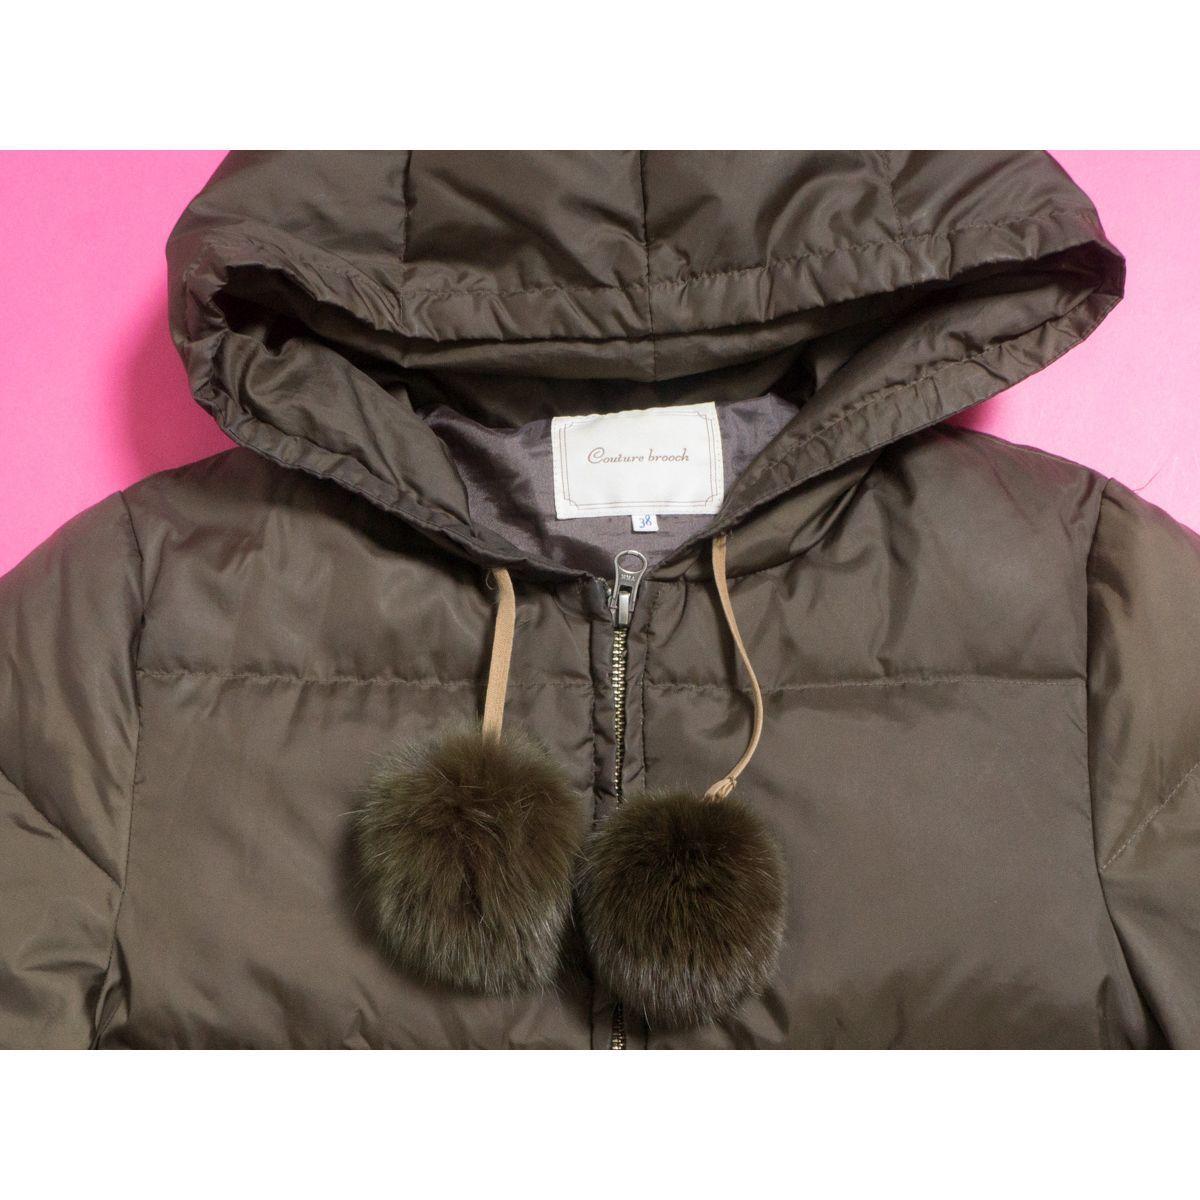 Couture brooch ダウンジャケット リアルファー ラビットファー 防寒 ジャンパー カジュアル かわいい クチュールブローチ 38 カーキ_画像2